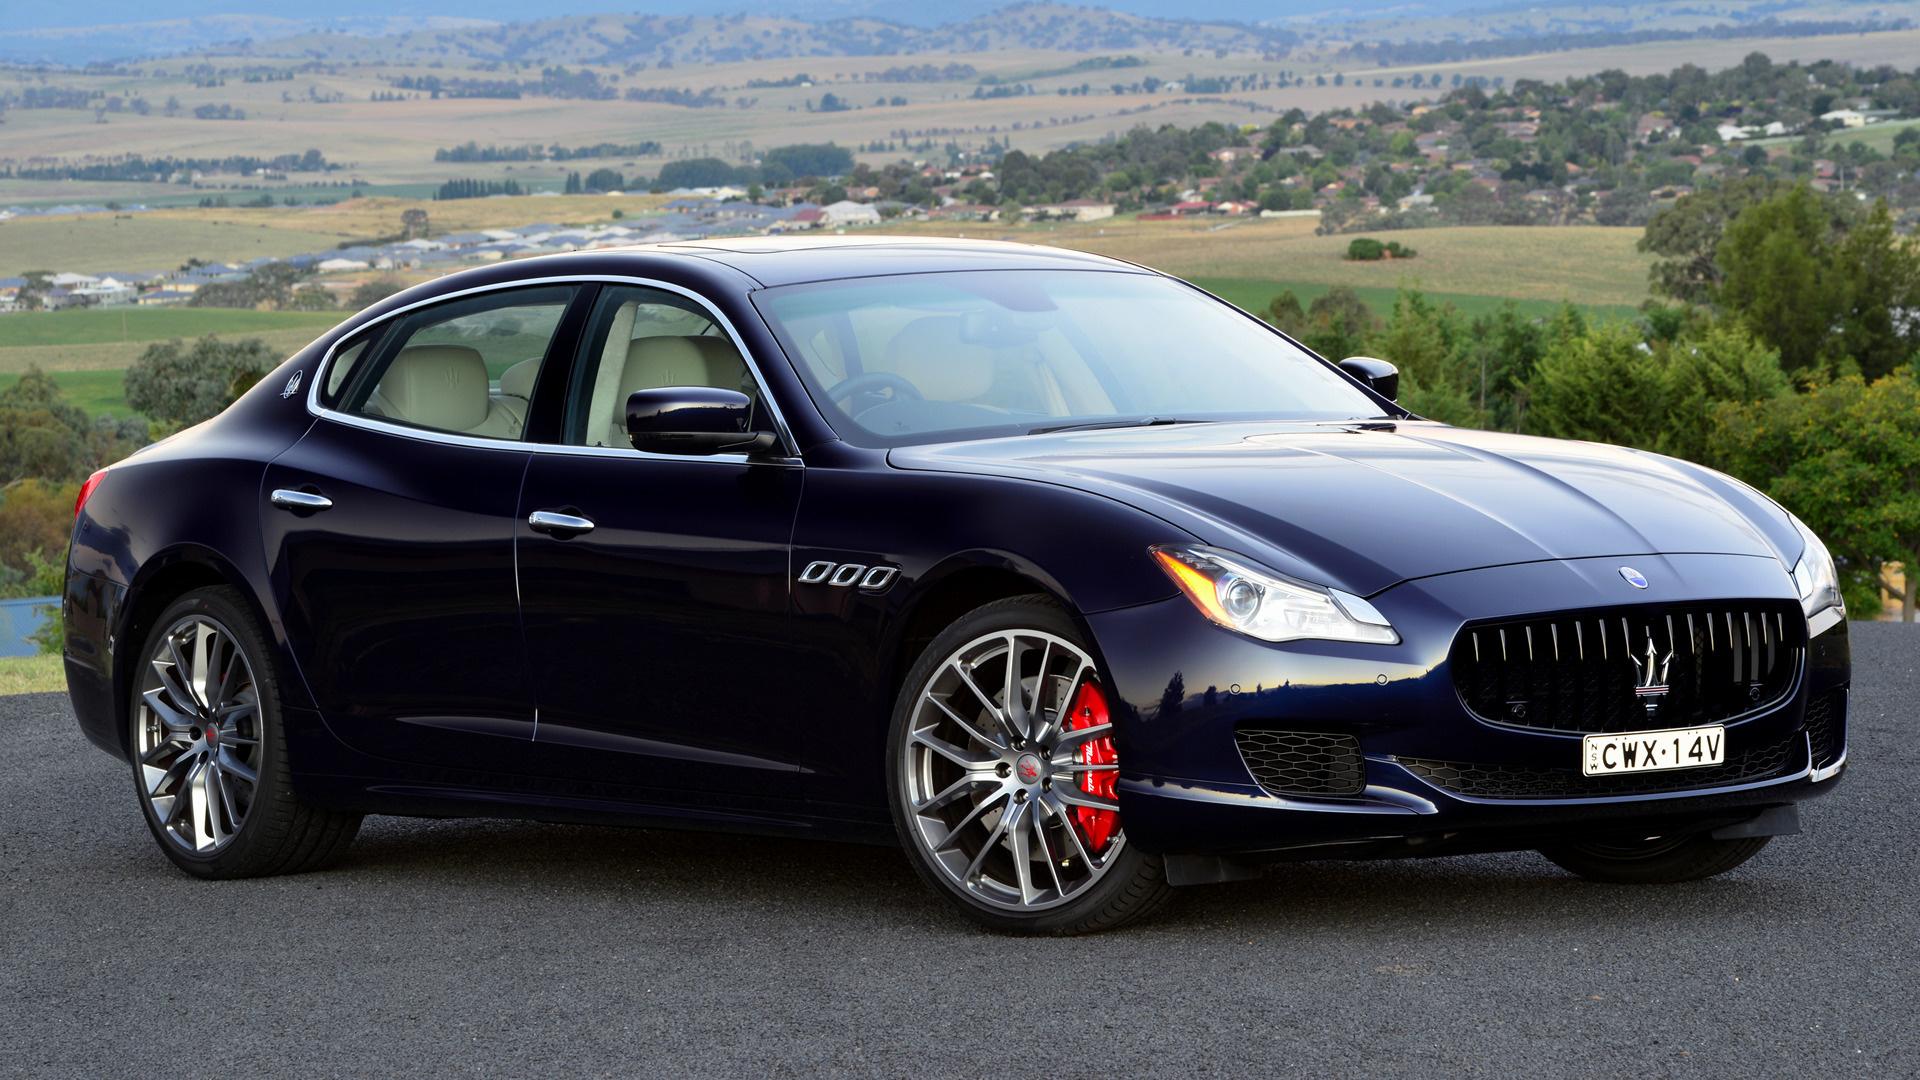 2014 Maserati Quattroporte GTS (AU) - Fonds d'écran et images HD | Car Pixel